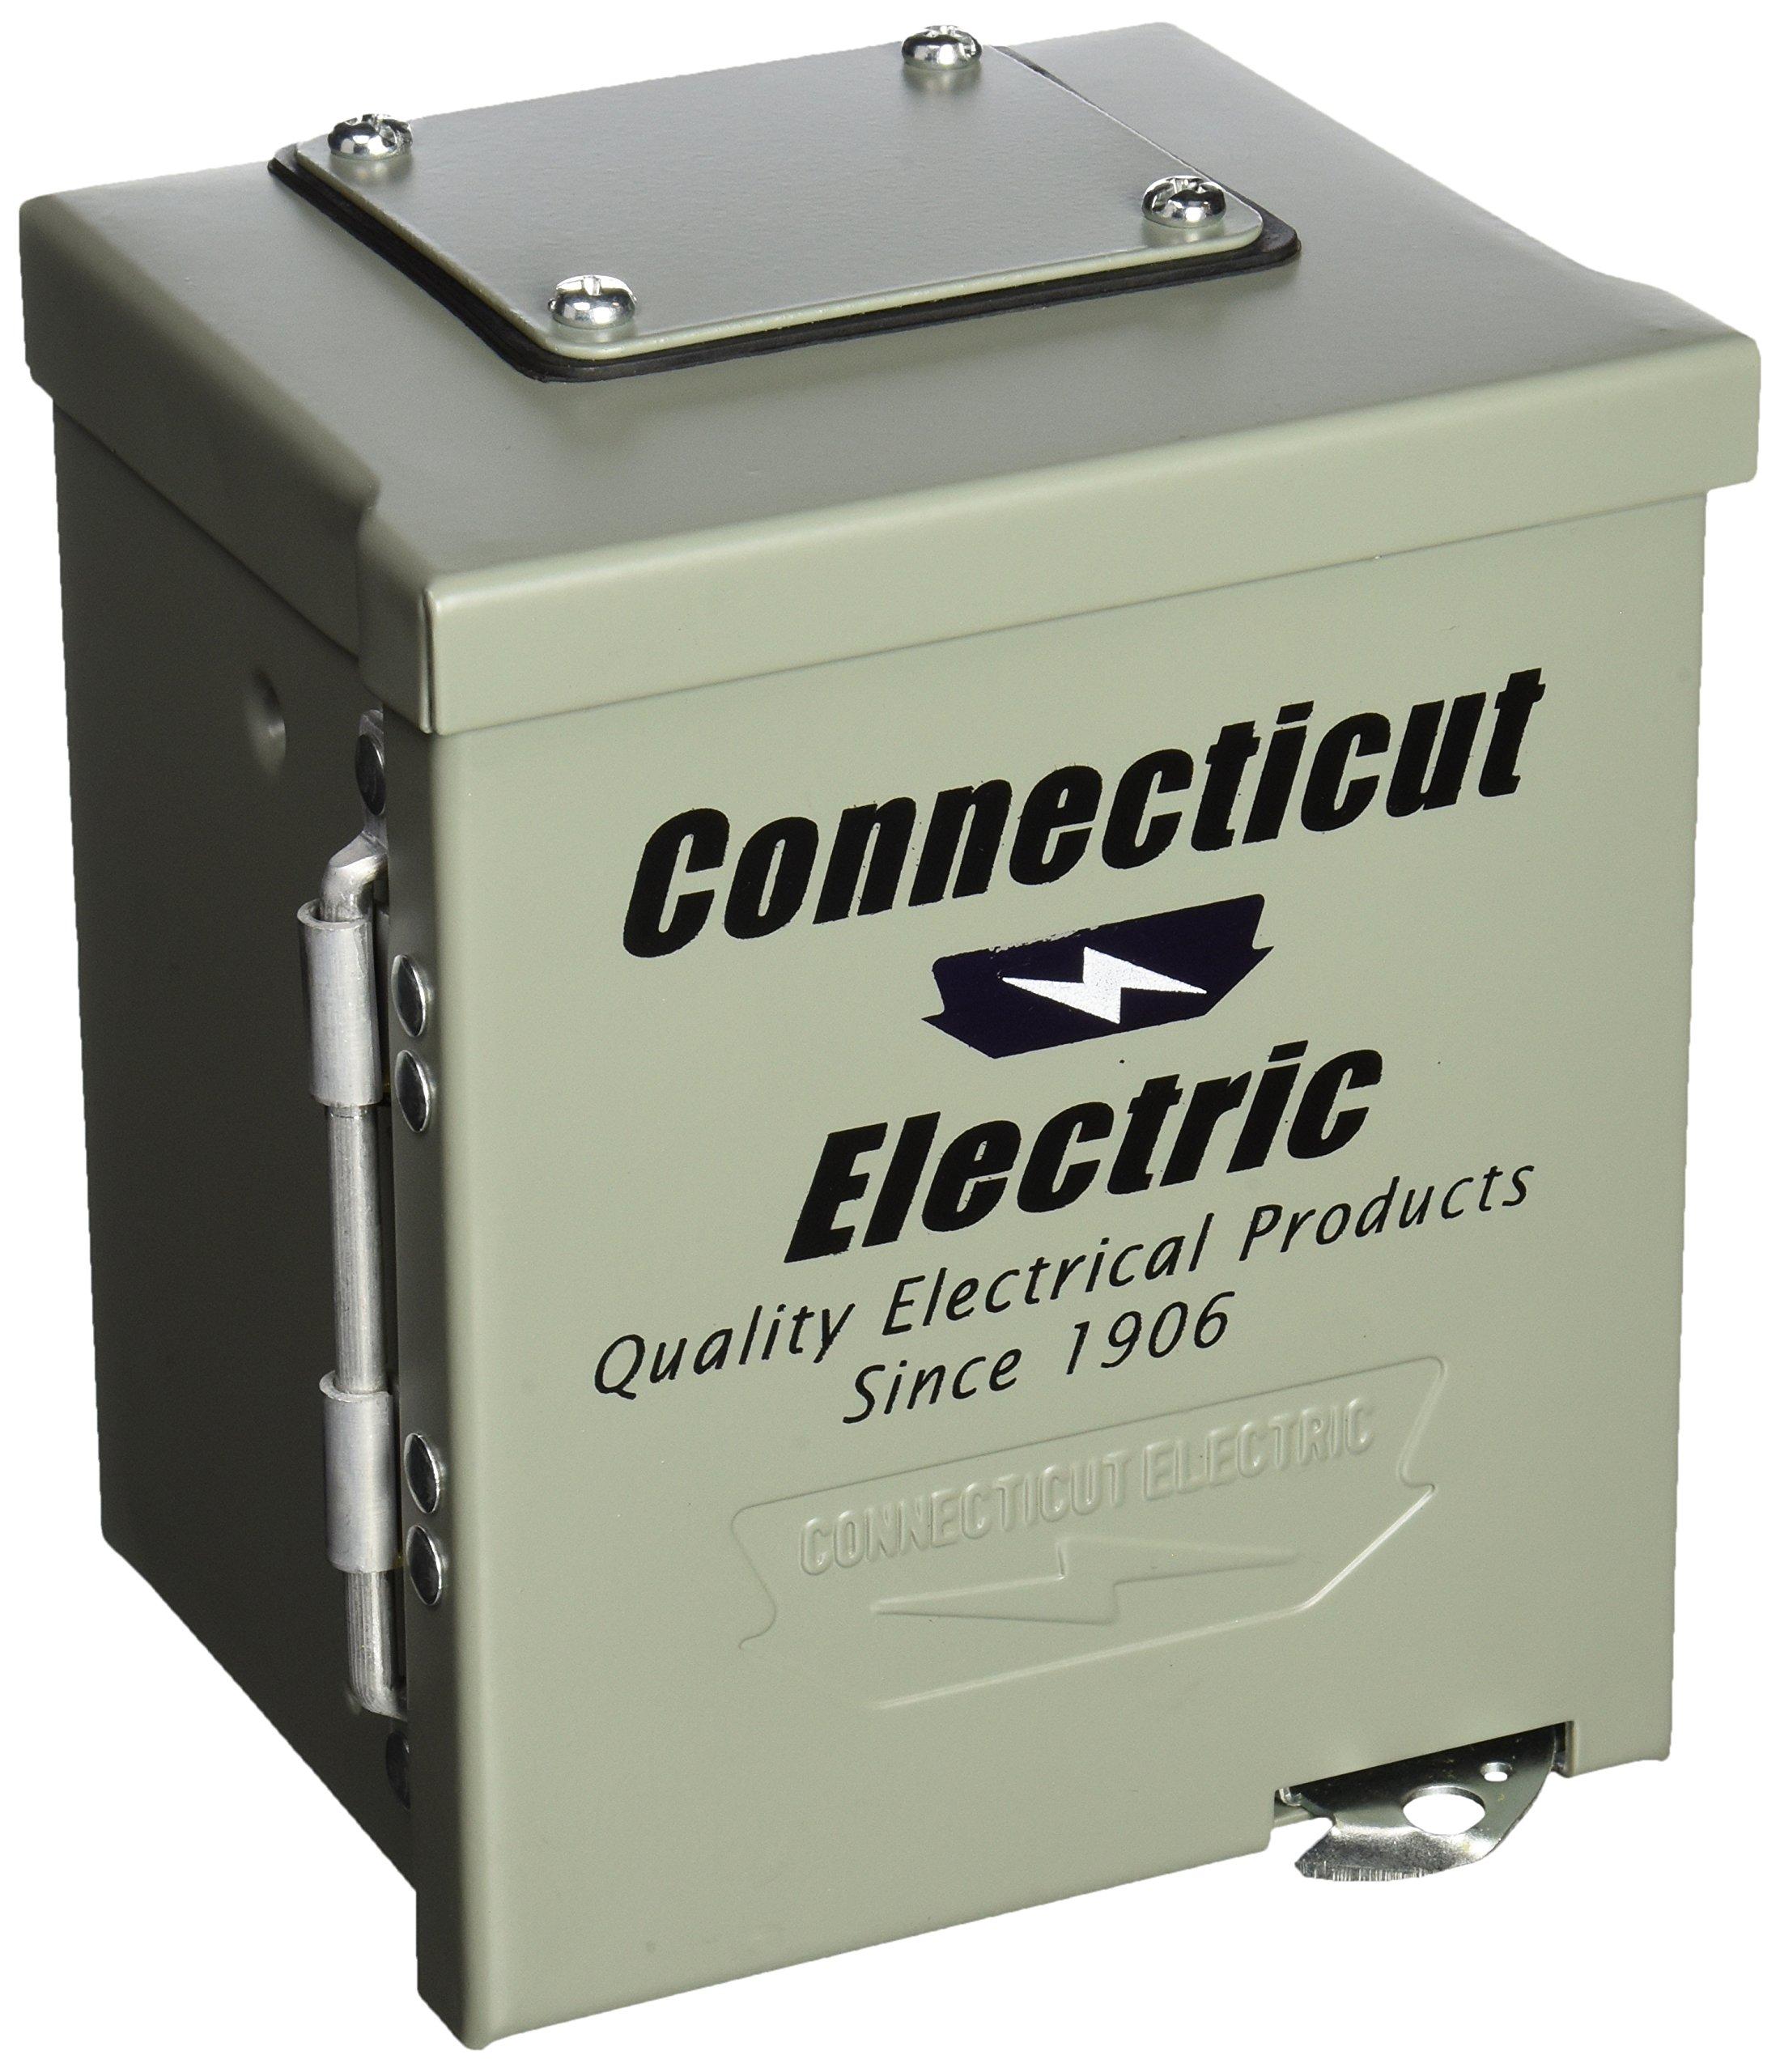 Connecticut Electric CESMPS54HR 50-Amps/120240-Volt RV Power Outlet by Connecticut Electric